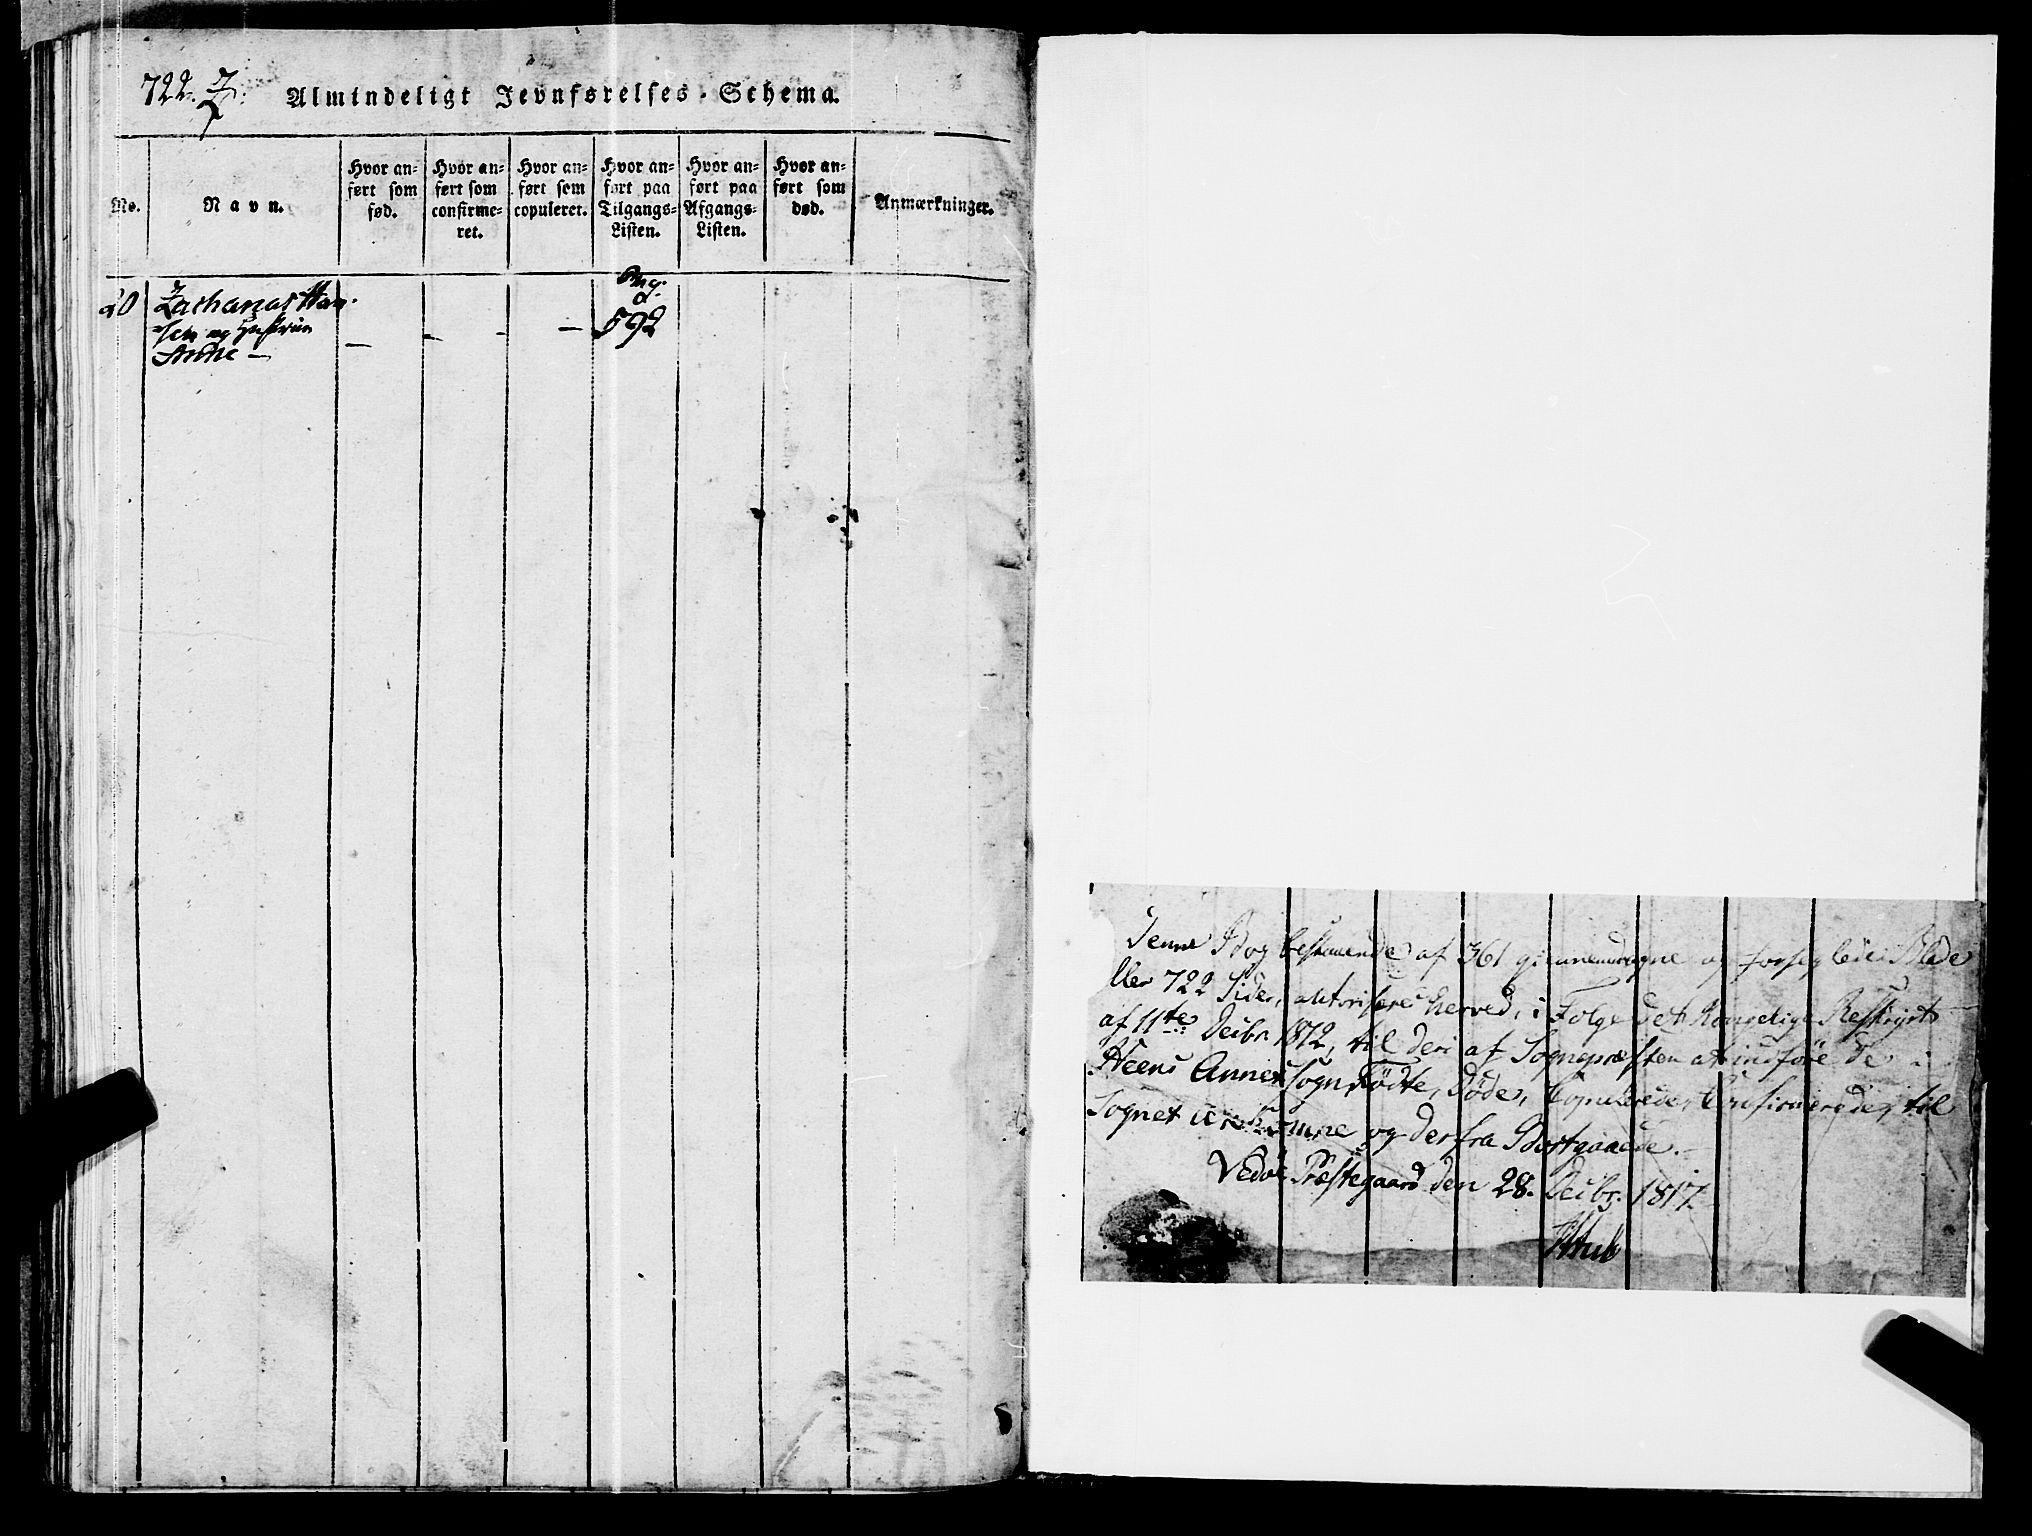 SAT, Ministerialprotokoller, klokkerbøker og fødselsregistre - Møre og Romsdal, 545/L0585: Ministerialbok nr. 545A01, 1818-1853, s. 722-723